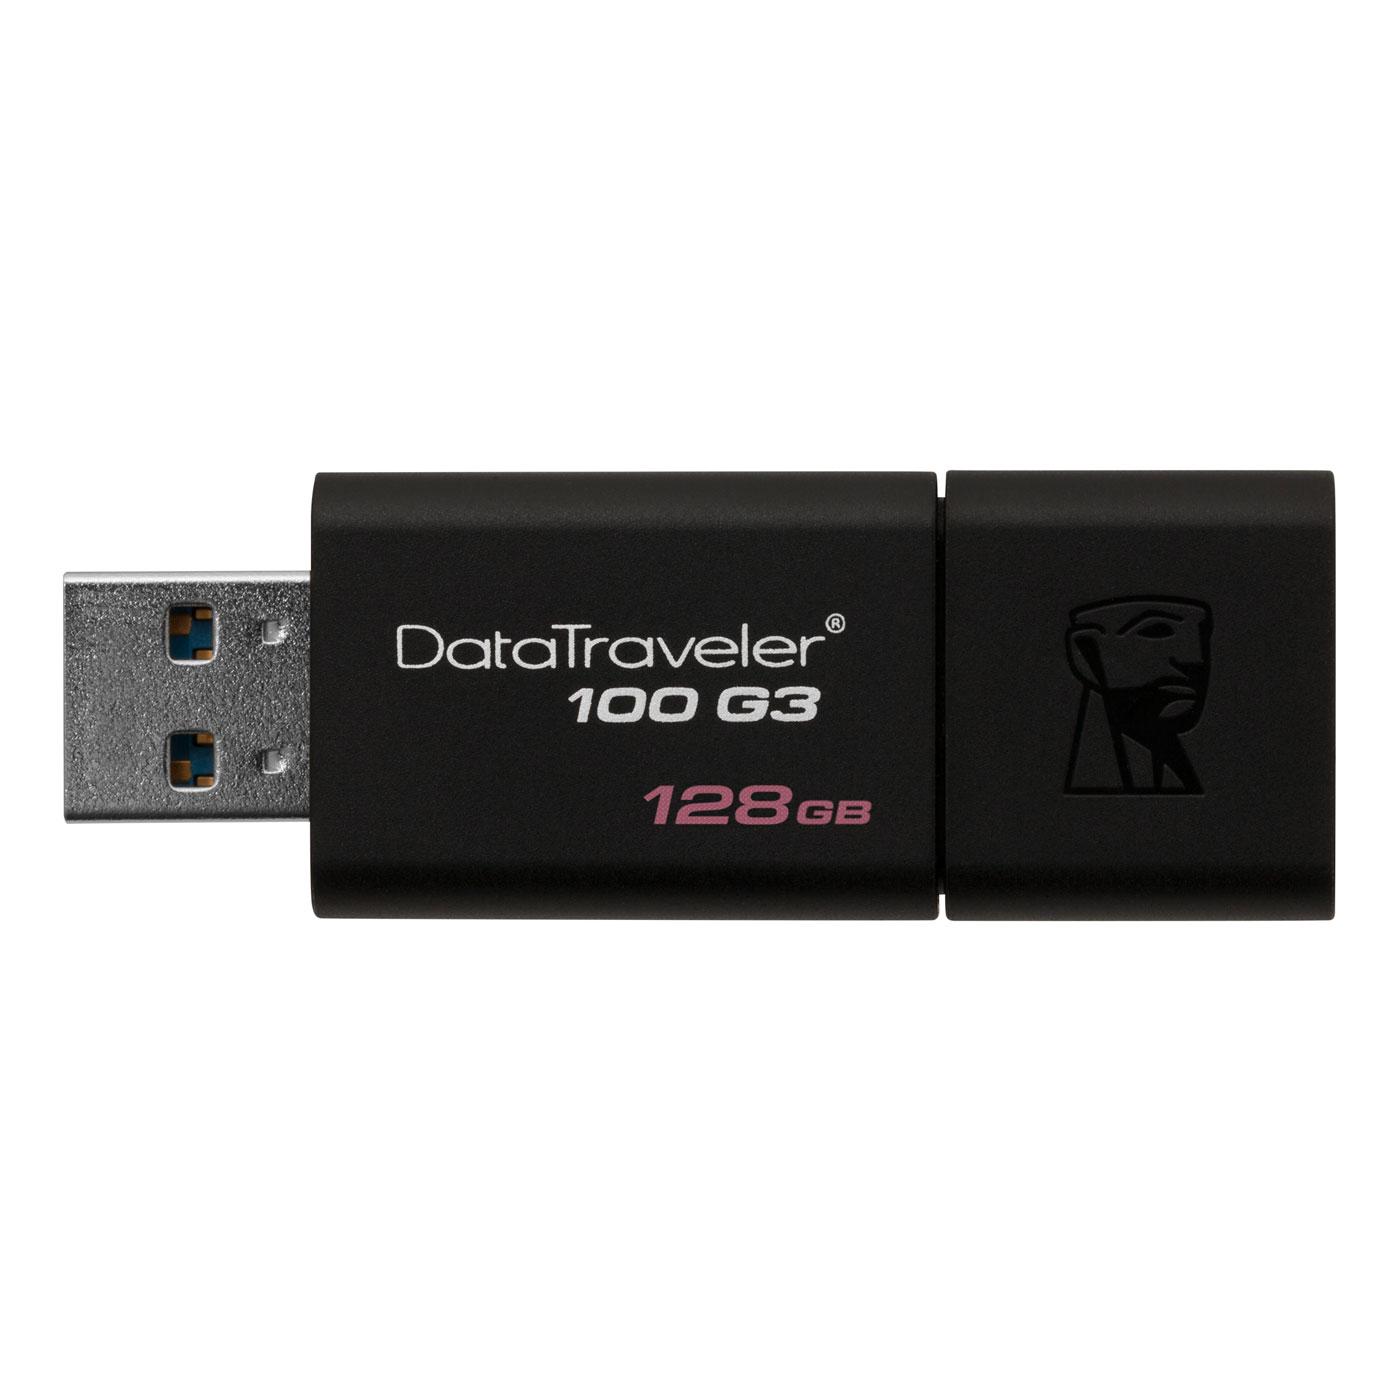 Clé USB Kingston DataTraveler 100 G3 128 Go Clé USB 3.0 128 Go (garantie constructeur 5 ans)